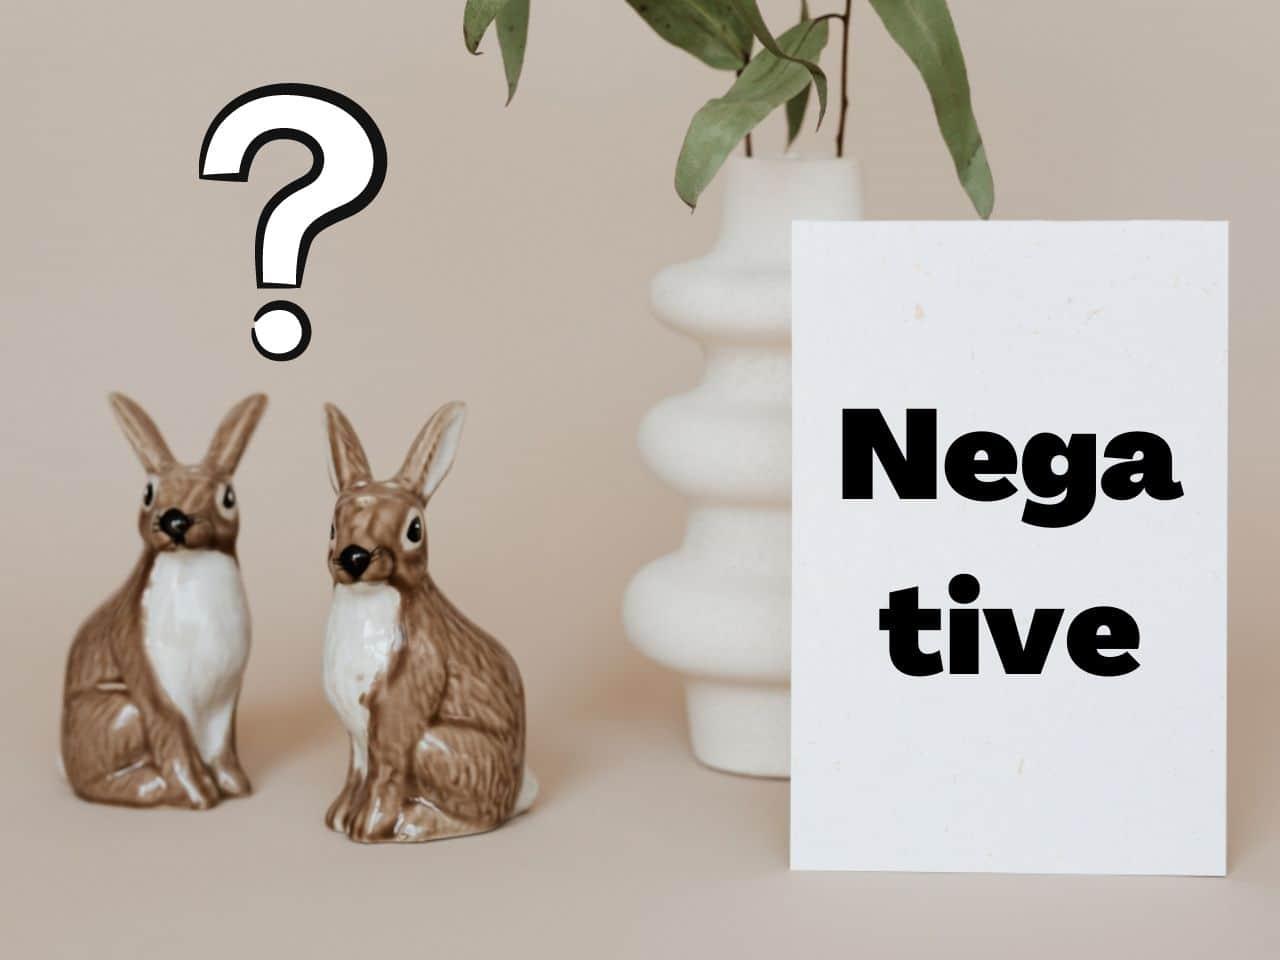 ネガティブの言葉に疑問を持つ二匹のウサギ